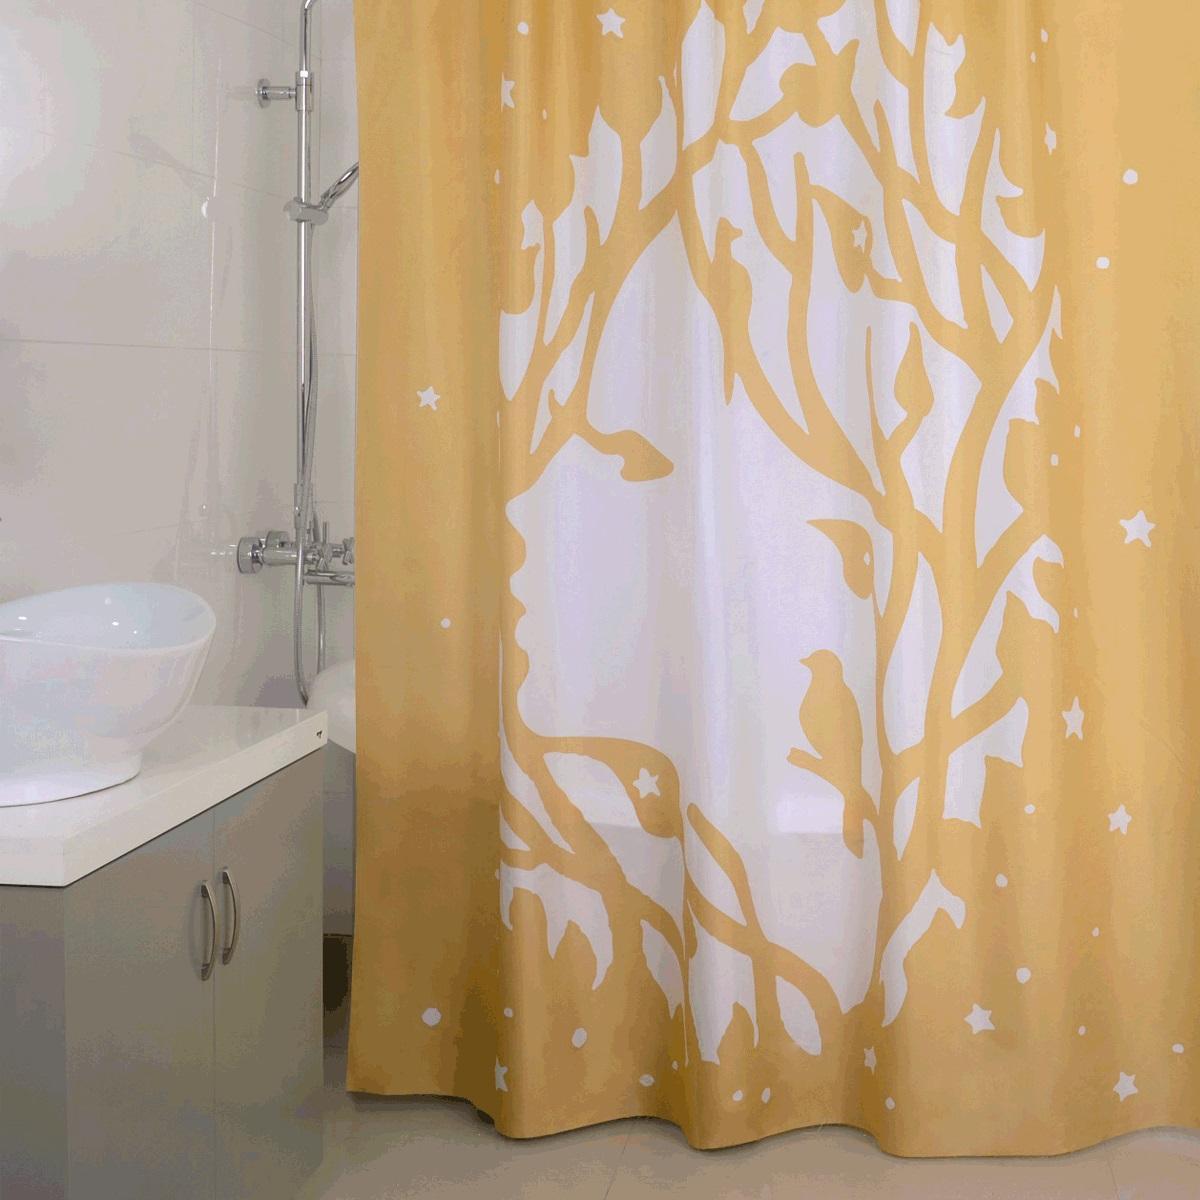 Штора для ванной Iddis Golden Nimph, цвет: бежевый, 180 x 200 см620P18Ri11Штора для ванной комнаты Iddis выполнена из быстросохнущего материала - 100% полиэстера, что обеспечивает прочность изделия и легкость ухода за ним.Материал шторы пропитан специальным водоотталкивающим составом Waterprof.Изделие изготовлено из экологически-чистого материала, оно обладает высокой степенью гигиеничности, не вызывает аллергических реакций.Штора имеет 12 встроенных колец и утяжеляющую нить.